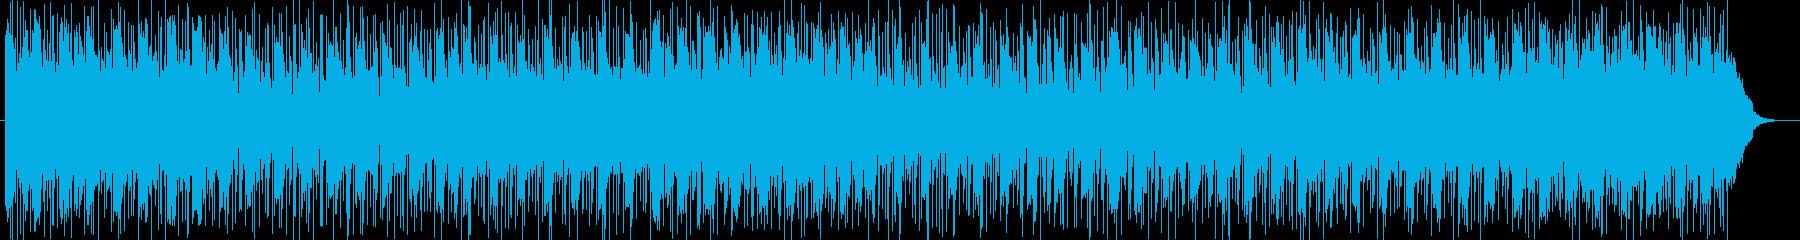 ノリが良くスピード感のあるポップな曲の再生済みの波形